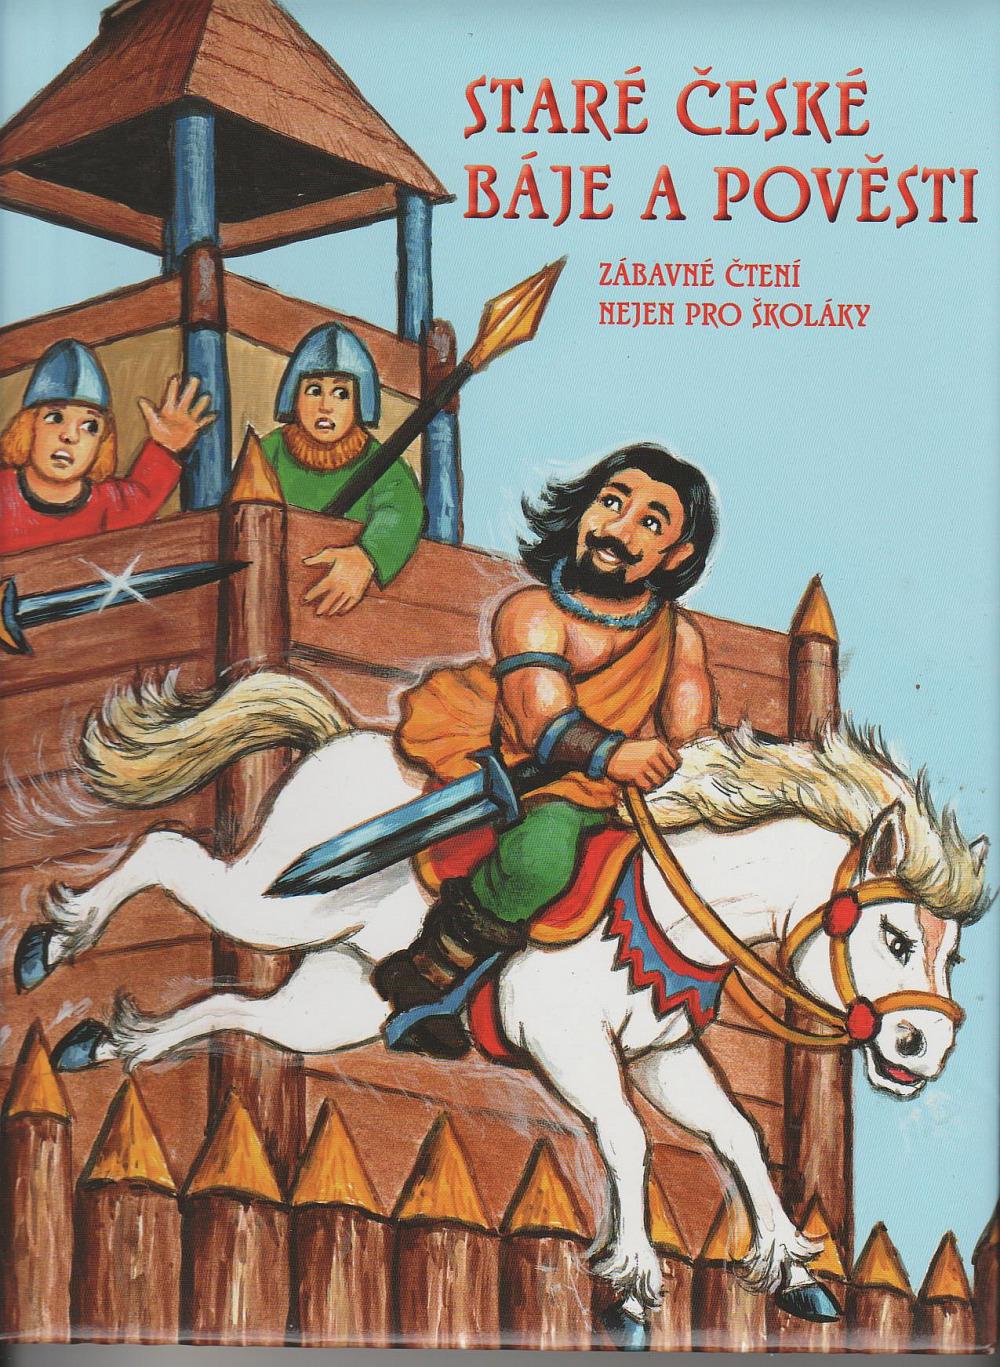 staré pověsti české kniha online